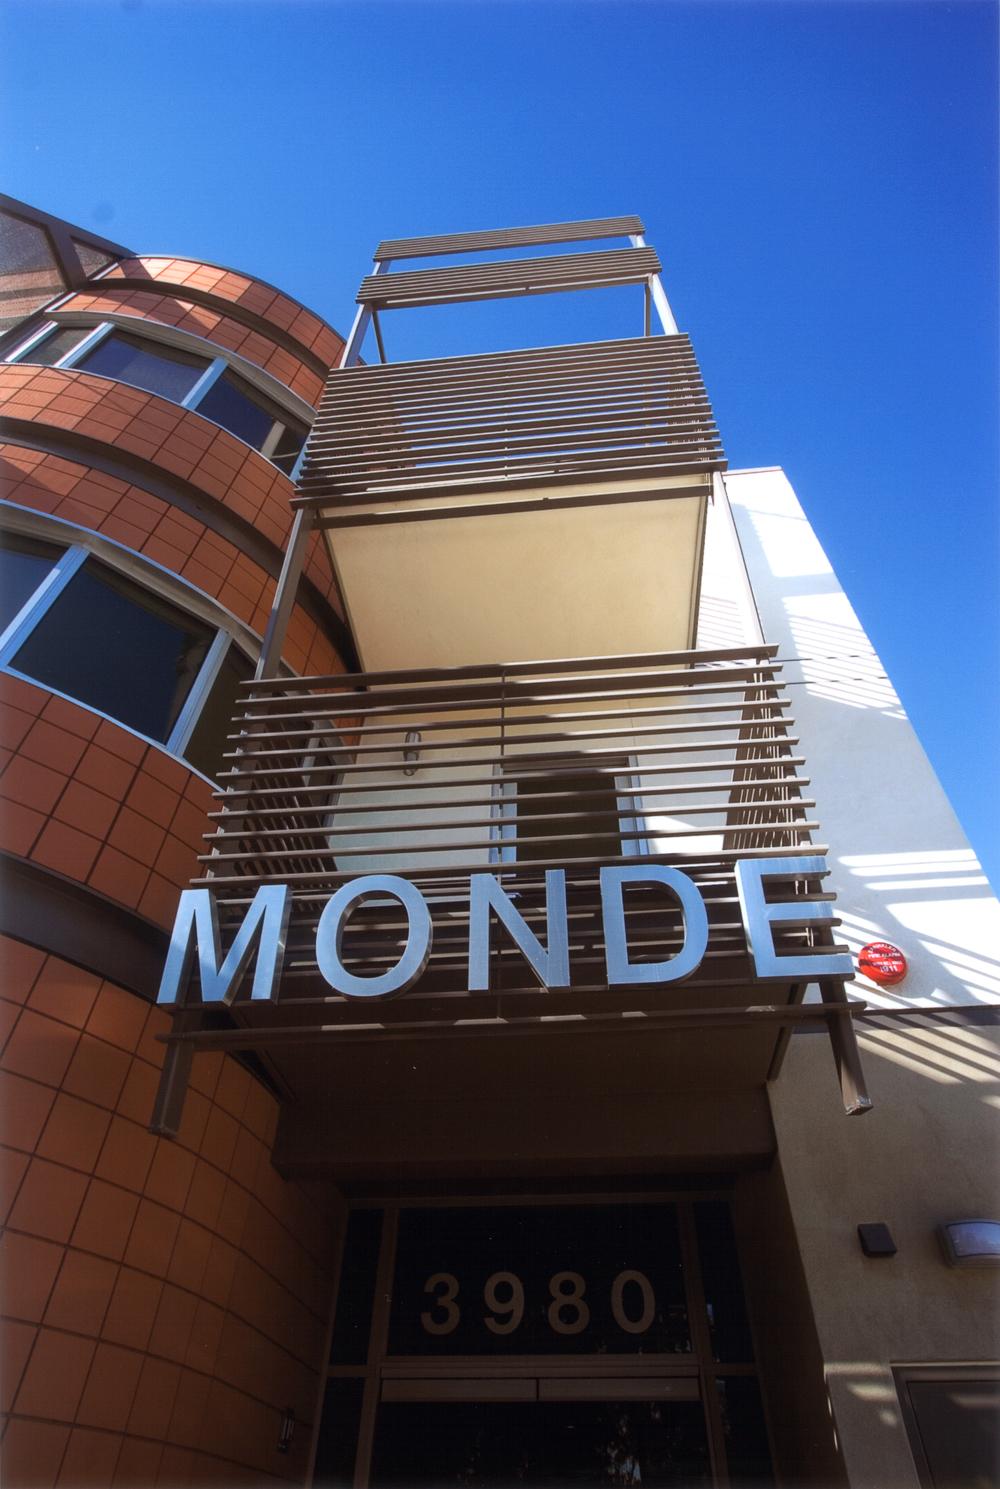 MONDE  SAN DIEGO, CALIFORNIA U.S.A.